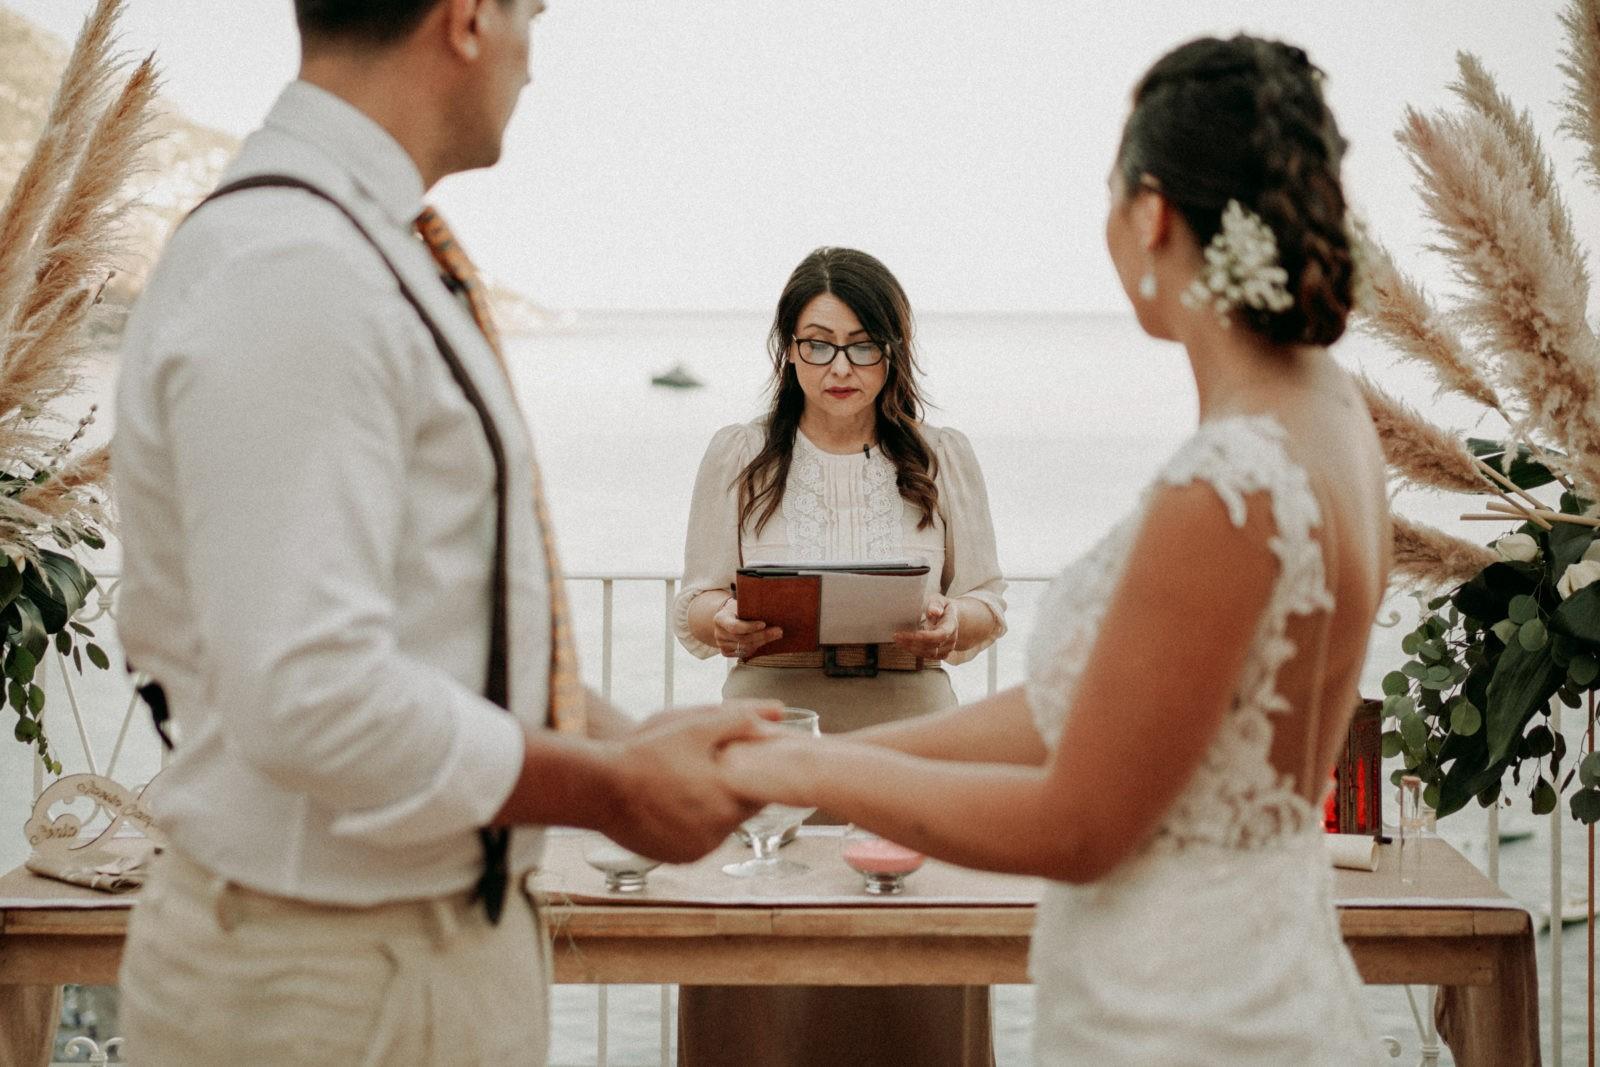 Il protocollo per i matrimoni: tutti i dettagli, matrimoni 2021, wedding, wedding campania, wedding 2021, sposi 2021, protocollo matrimoni 2021, ripresa wedding 2021, ripresa matrimoni 2021